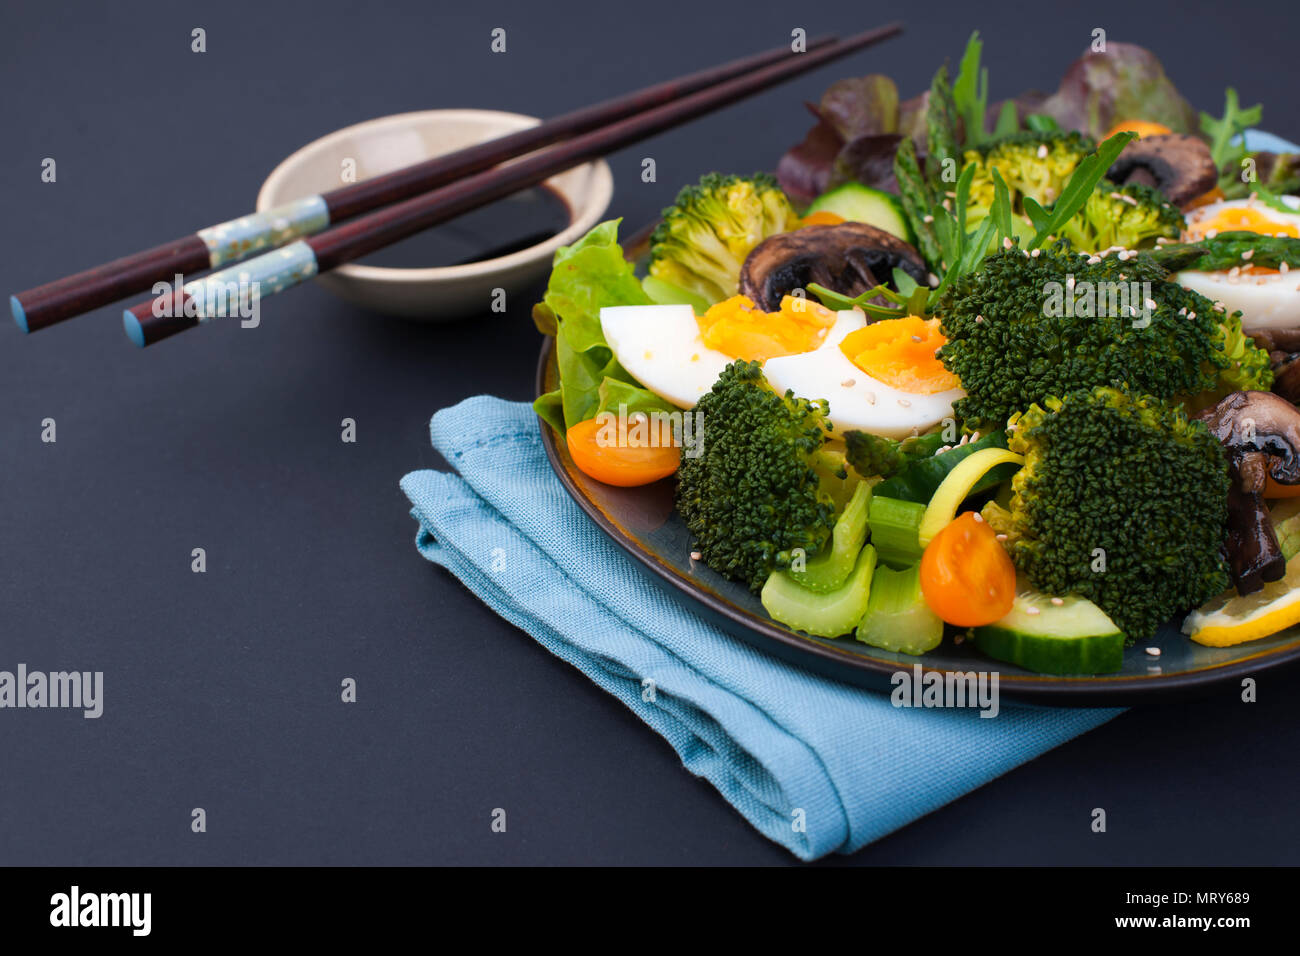 Salad From Vegetables On A Black Background Vegetarian